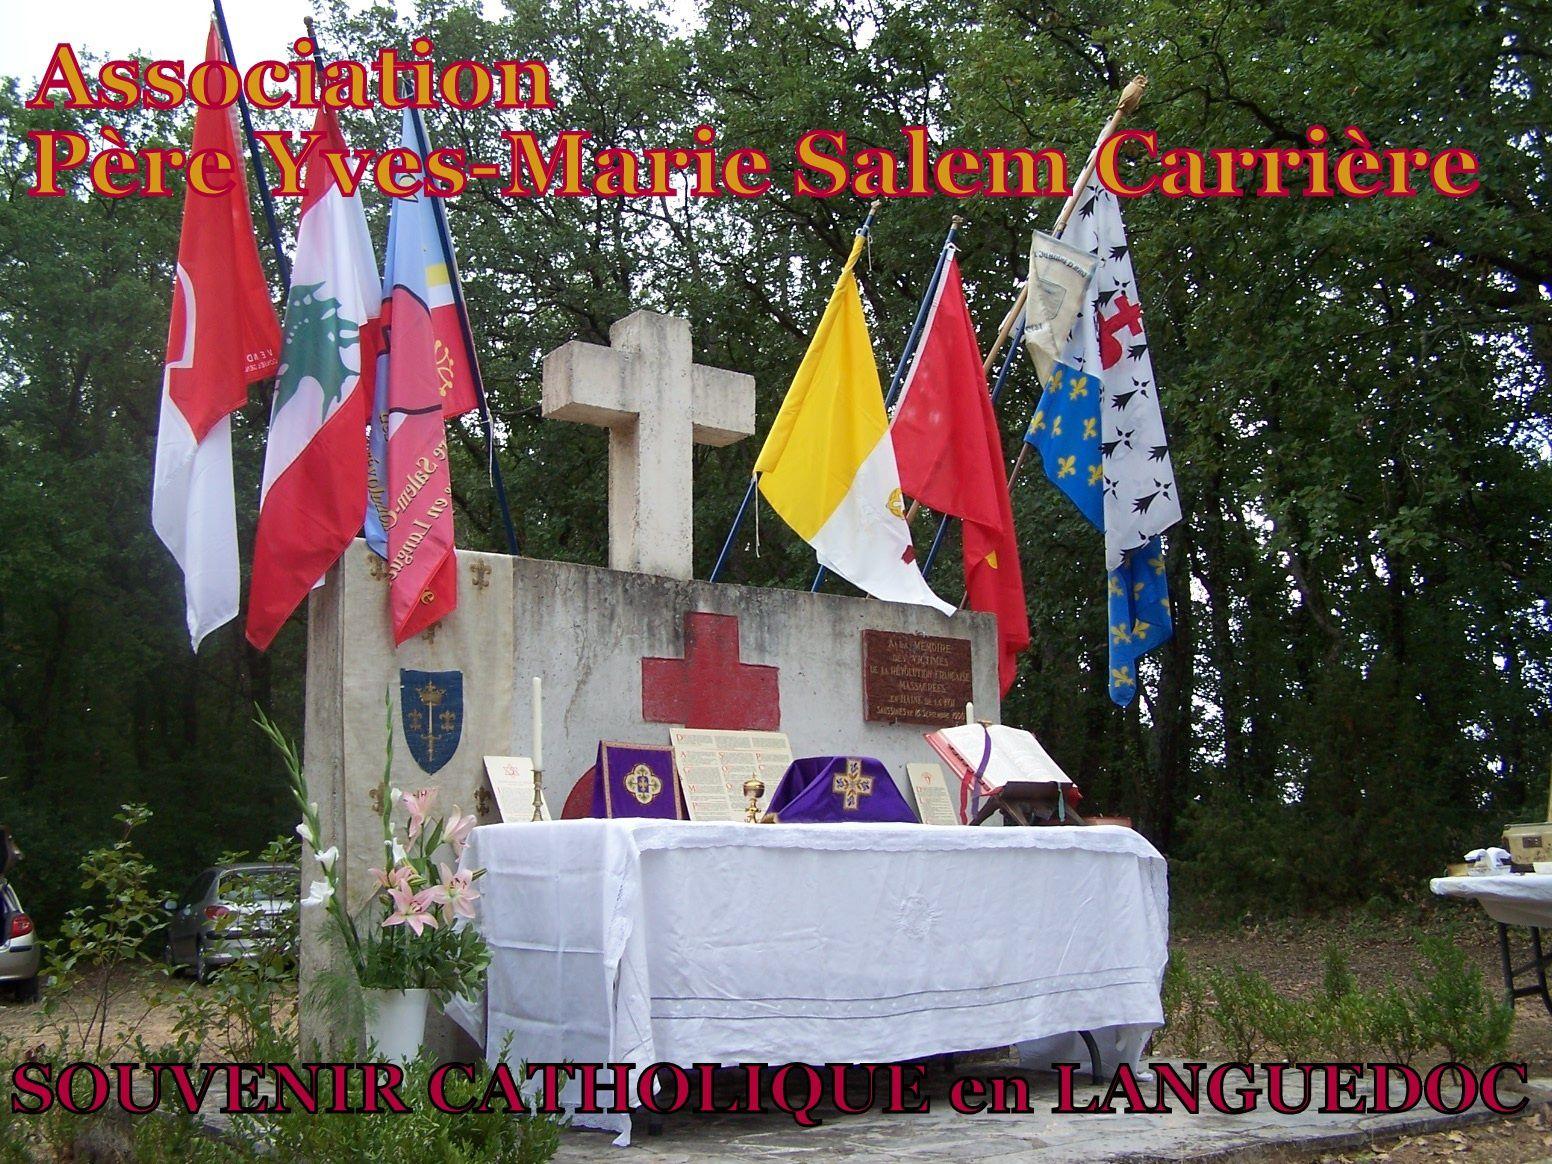 SOUVENIR CATHOLIQUE en LANGUEDOC, 24 SEPTEMBRE...